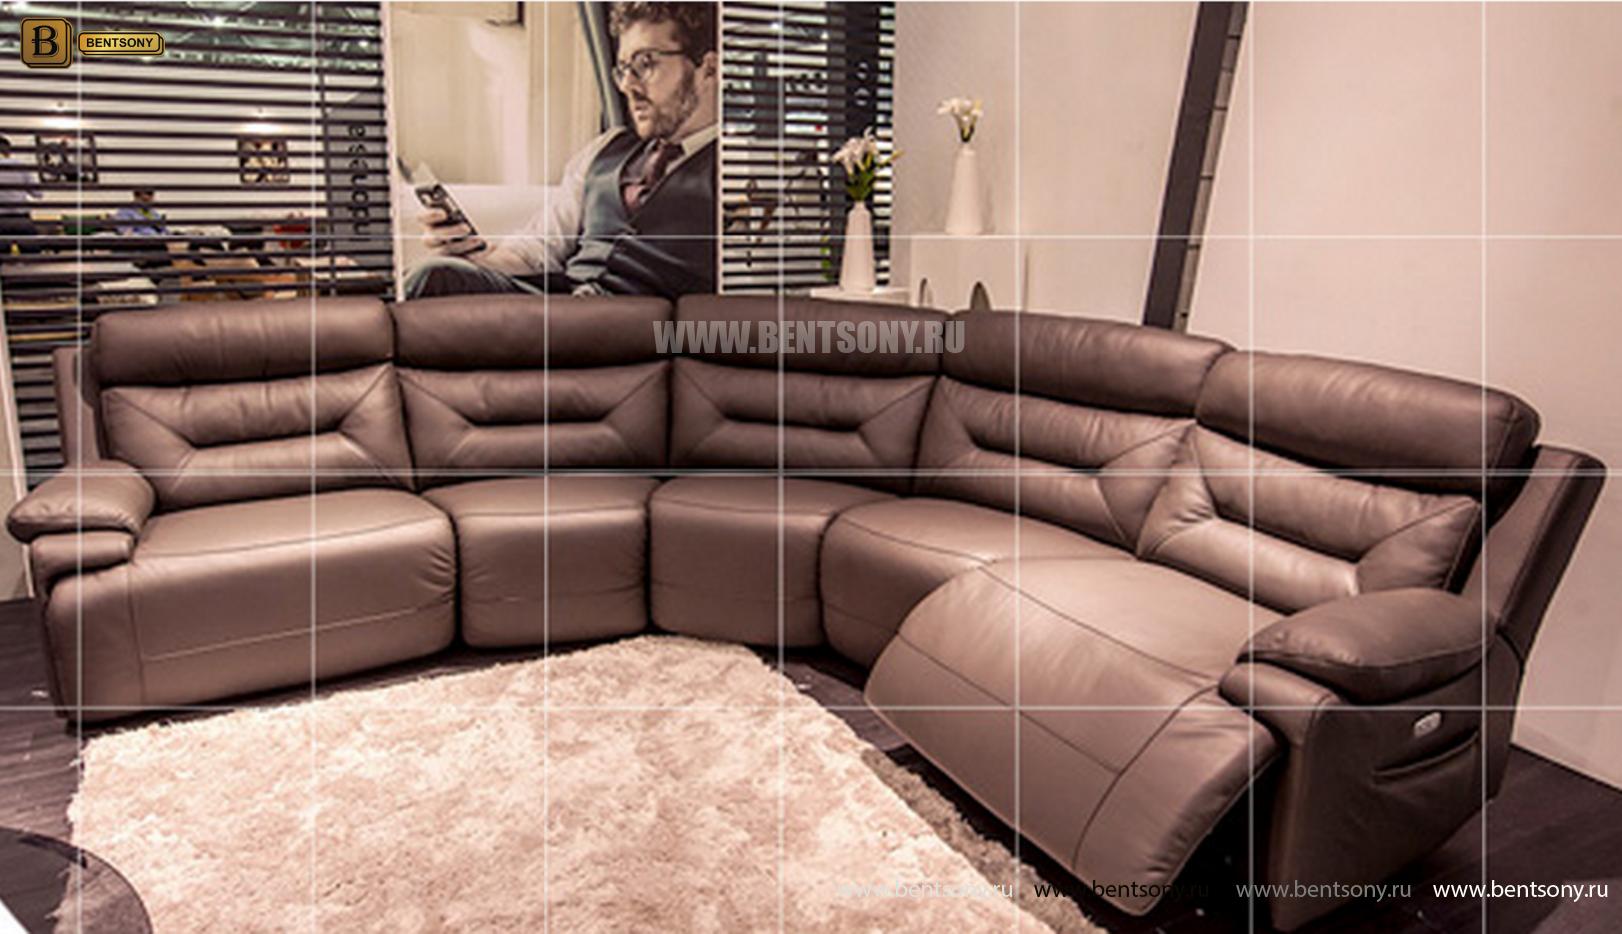 угловой диван в гостиной фото Амелия